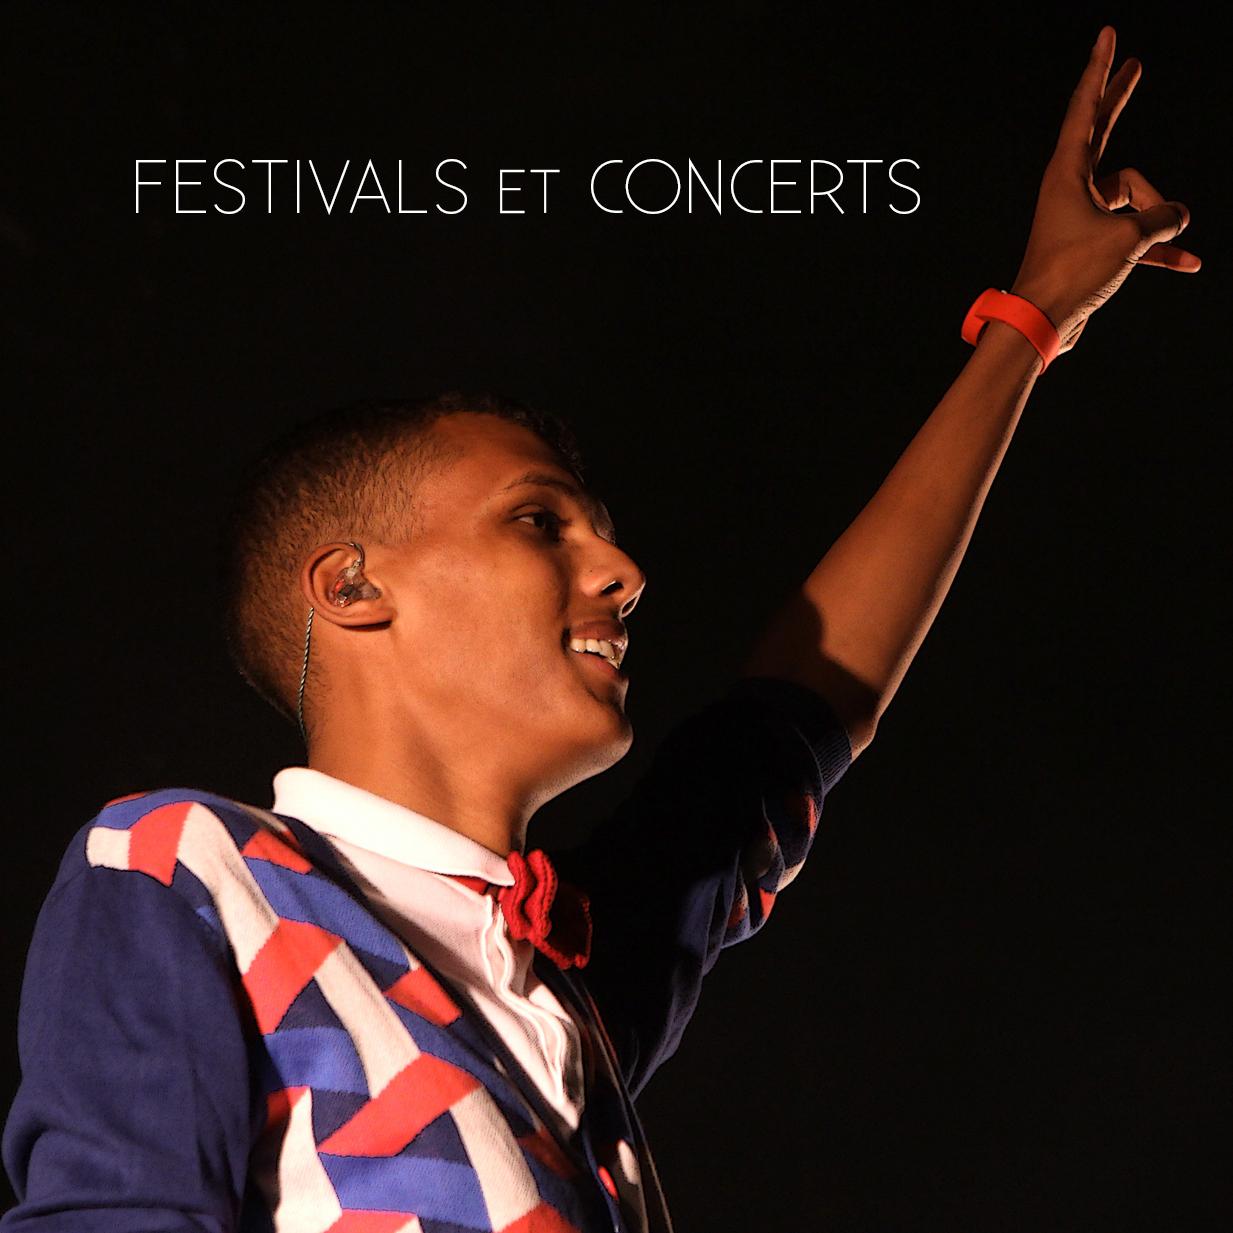 Photographe de festivals et concerts en bretagne